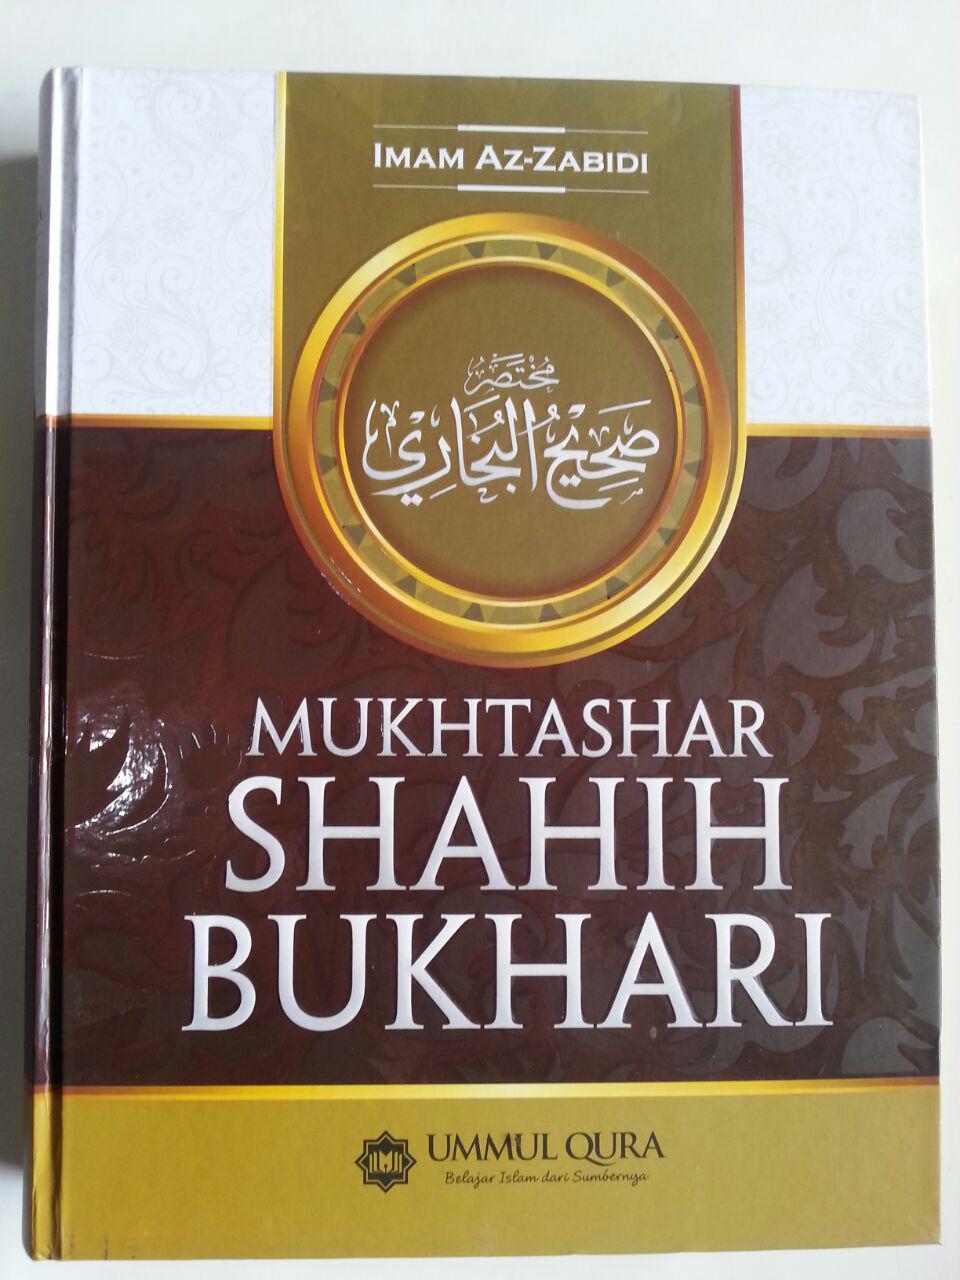 Buku Mukhtashar Shahih Bukhari cover 2